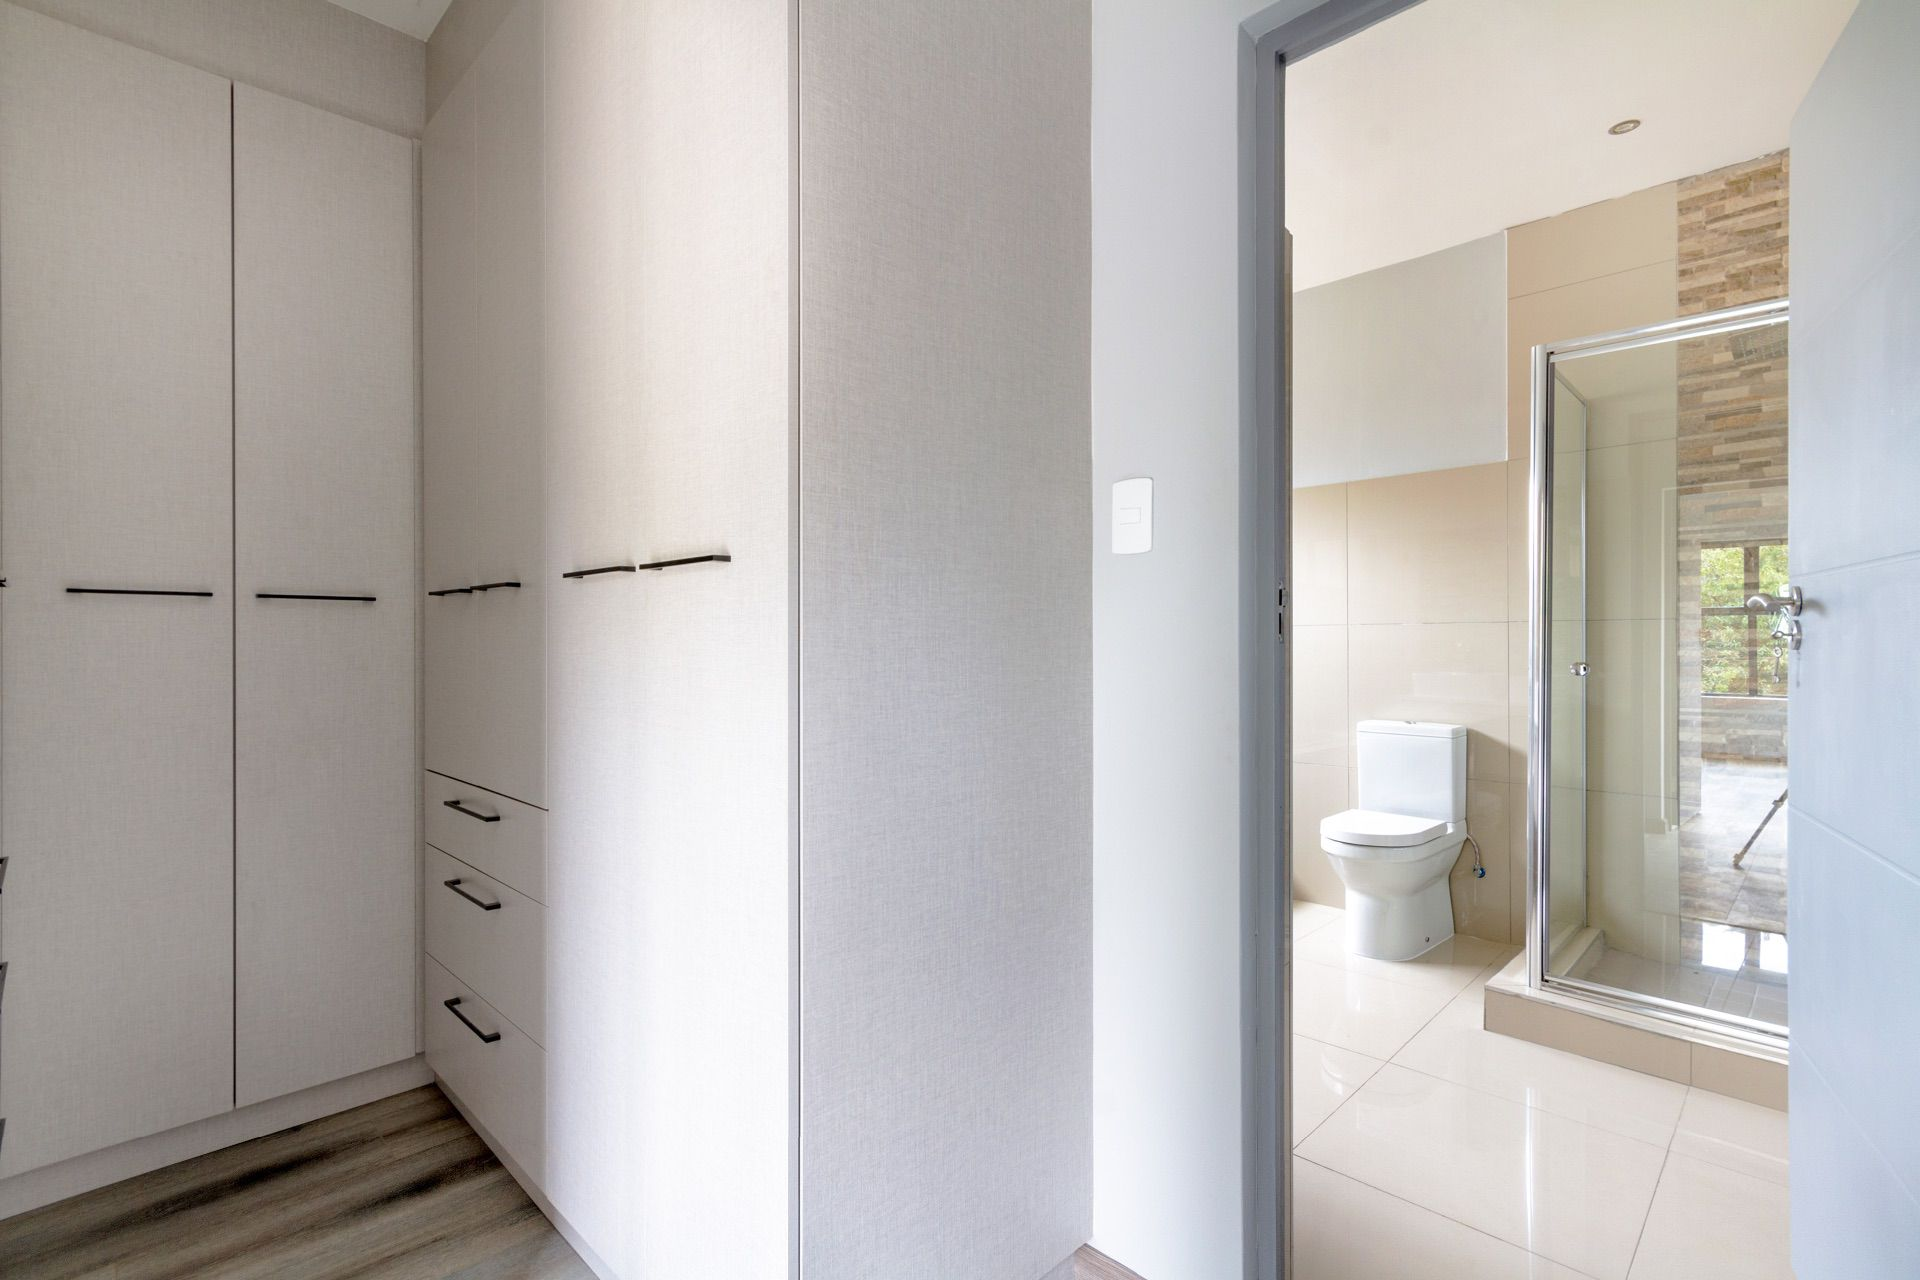 Master walk-in closet and en-suite bathroom